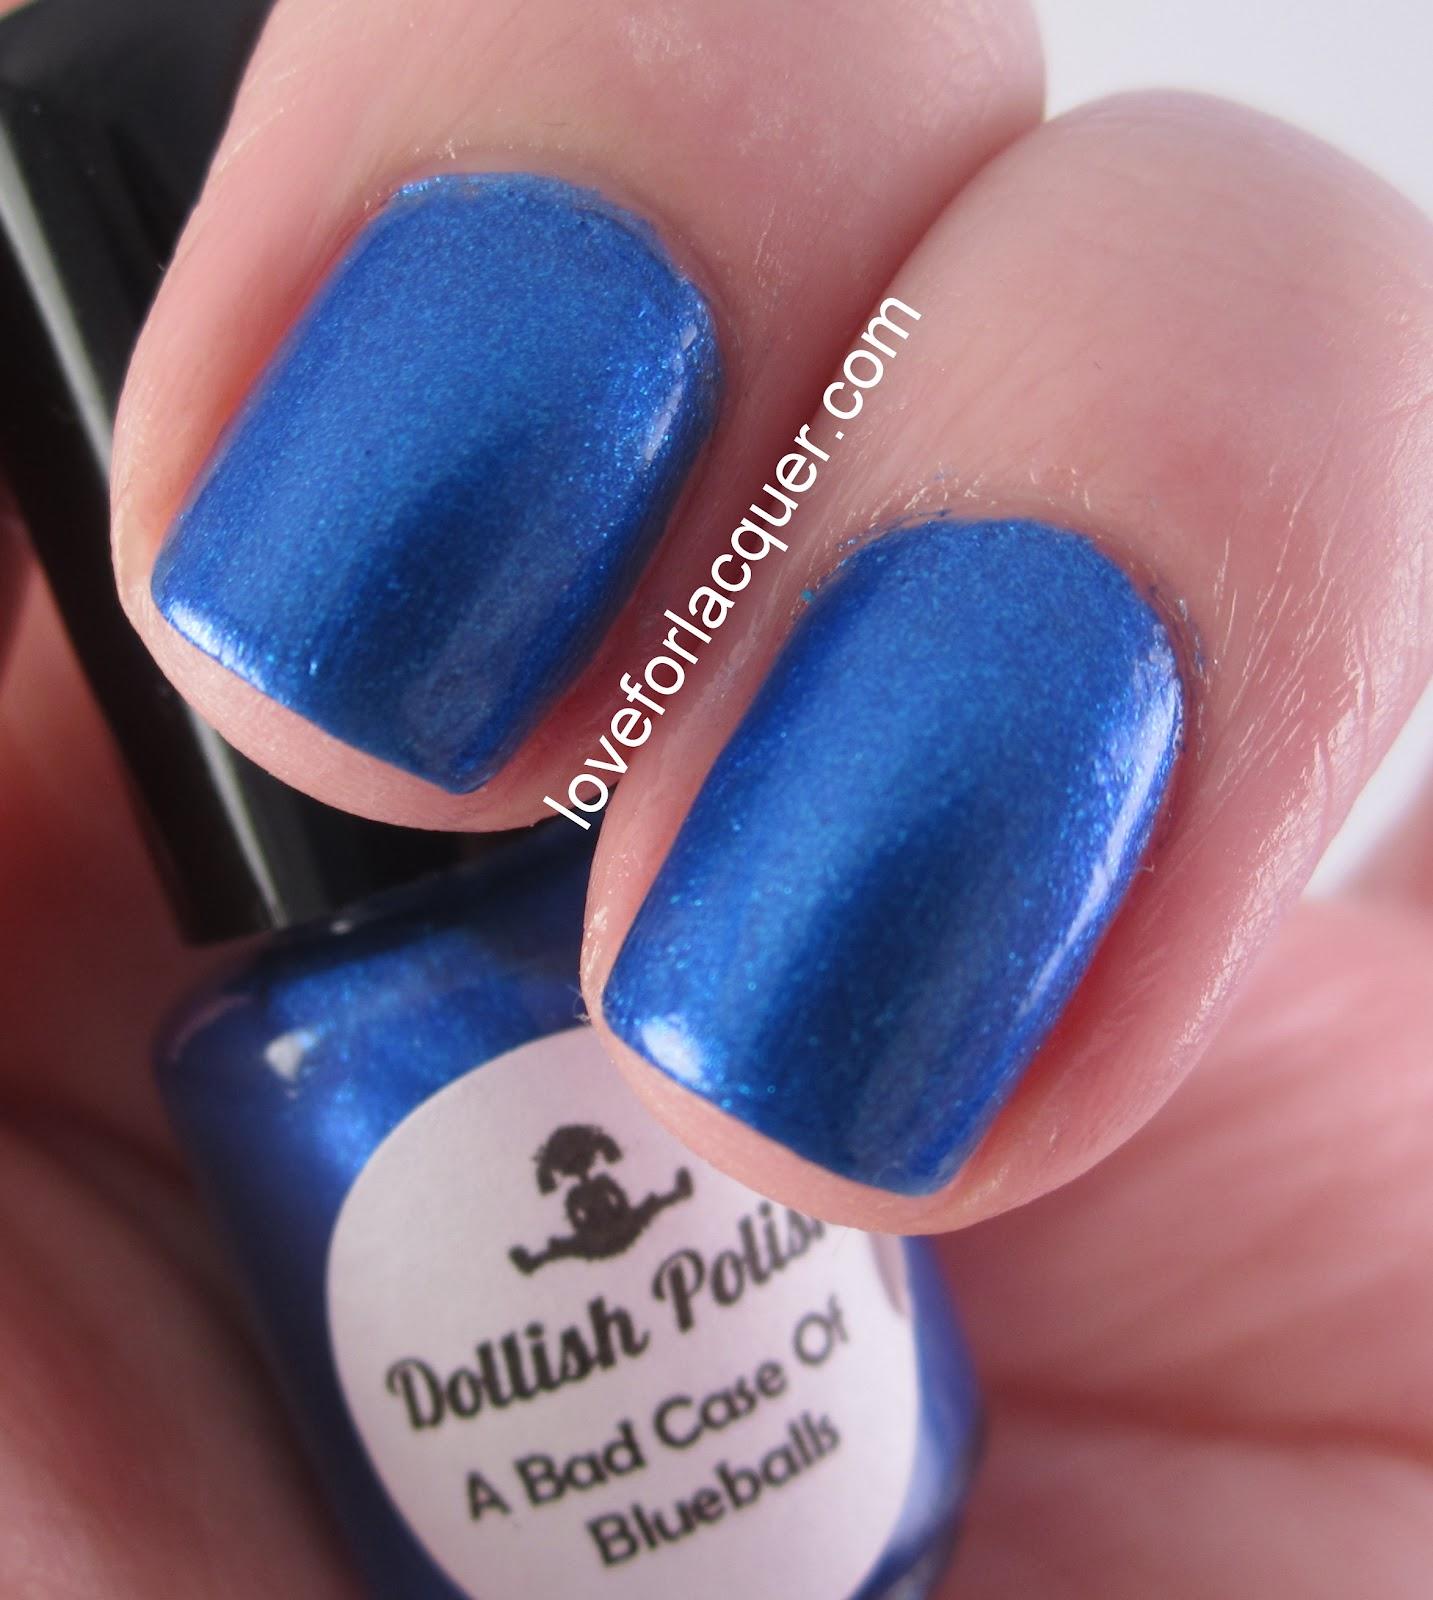 Bad Case Of Blueballs Gorgeous Cobalt Blue Shimmer